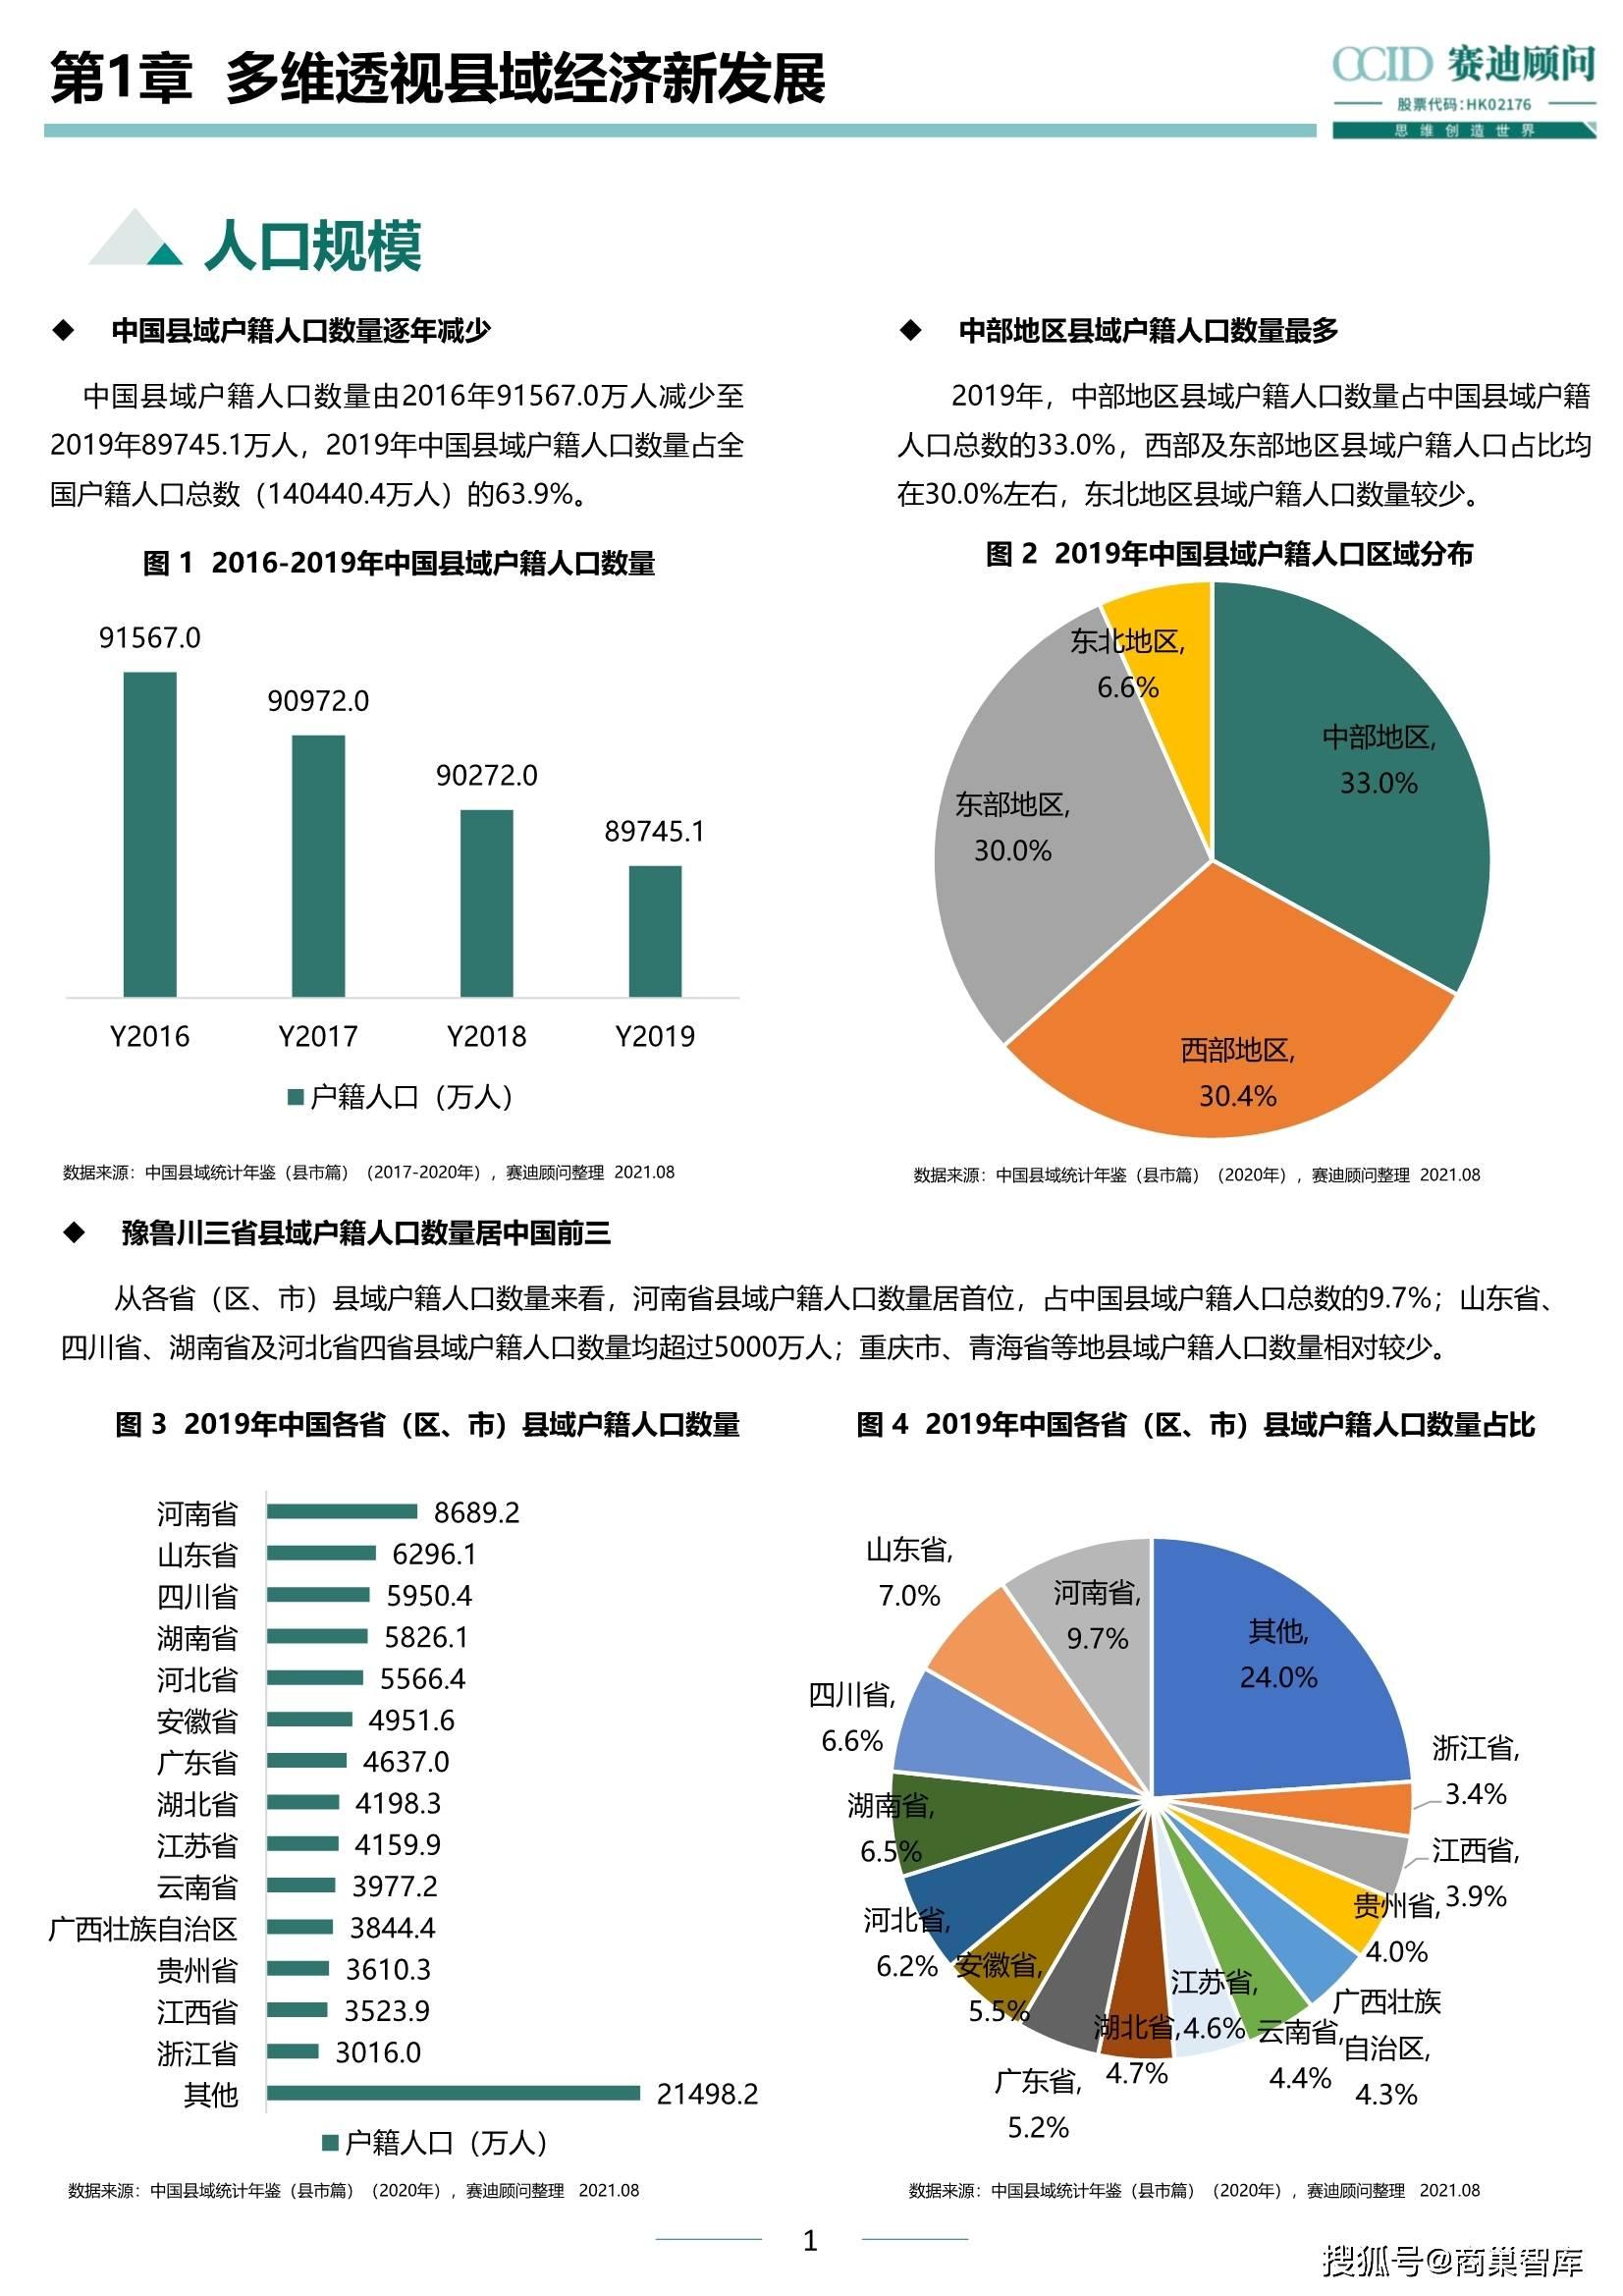 中国2021百强县gdp排名_2021中国西部百强县市名单:西昌排名第五!领跑四川26个县市